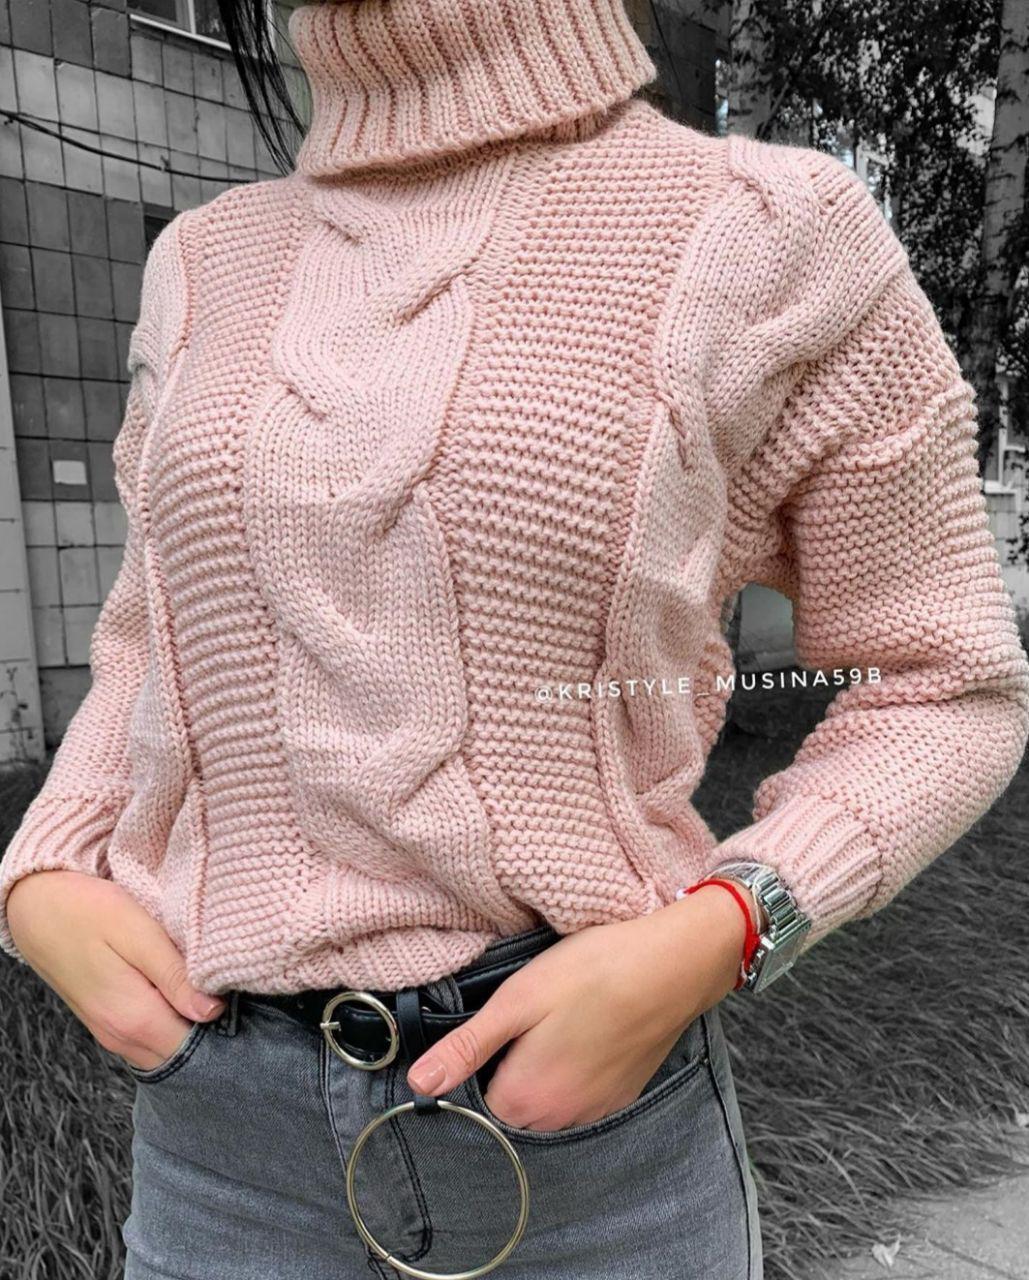 Женский вязаный свитер с узором и высоким воротником 79ddet678